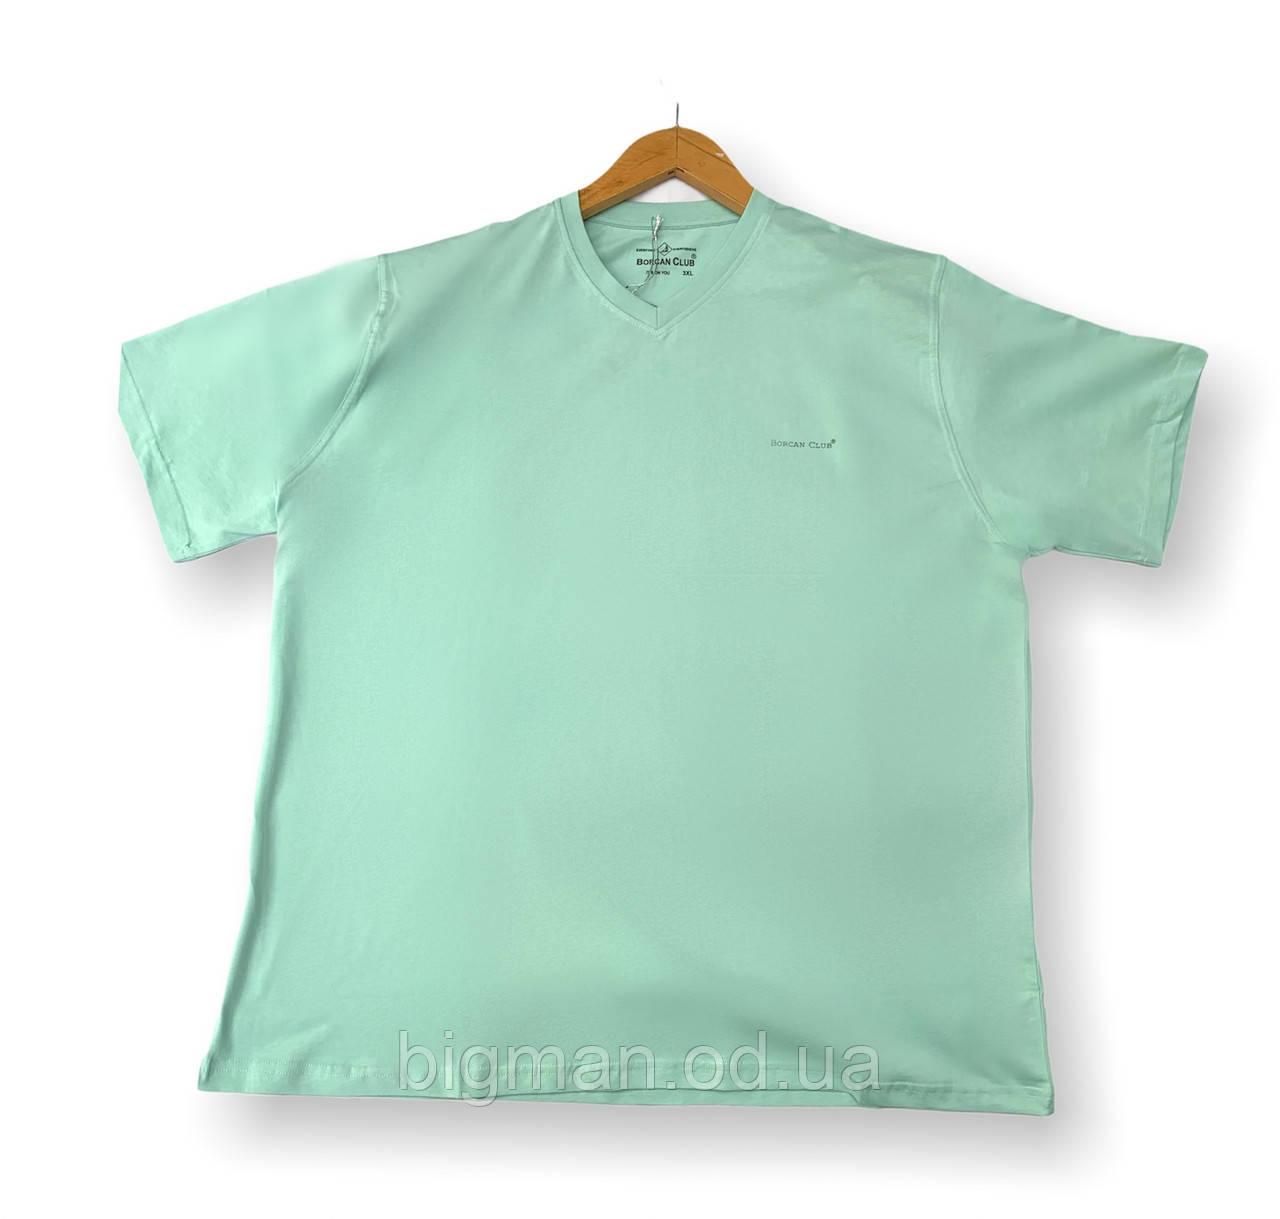 Чоловіча однотонна футболка бірюзова батал (великі розміри 3XL 4XL 5XL 6XL) Borcan Club виробництво: Туреччина